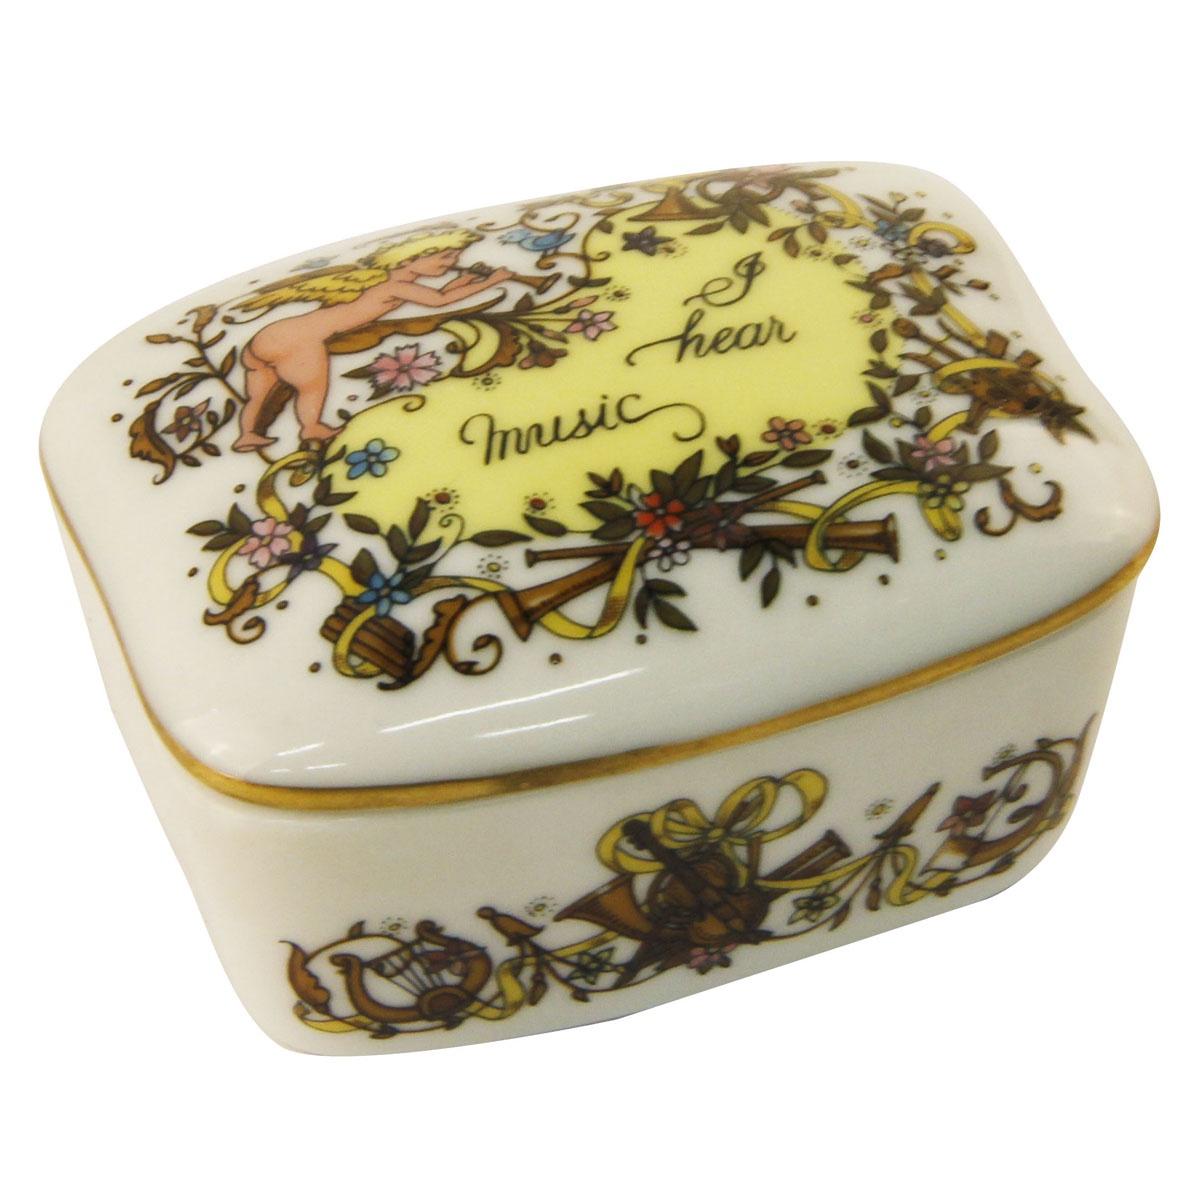 цены на Шкатулка Franklin Porcelain Я буду любить тебя всегда., Фарфор  в интернет-магазинах